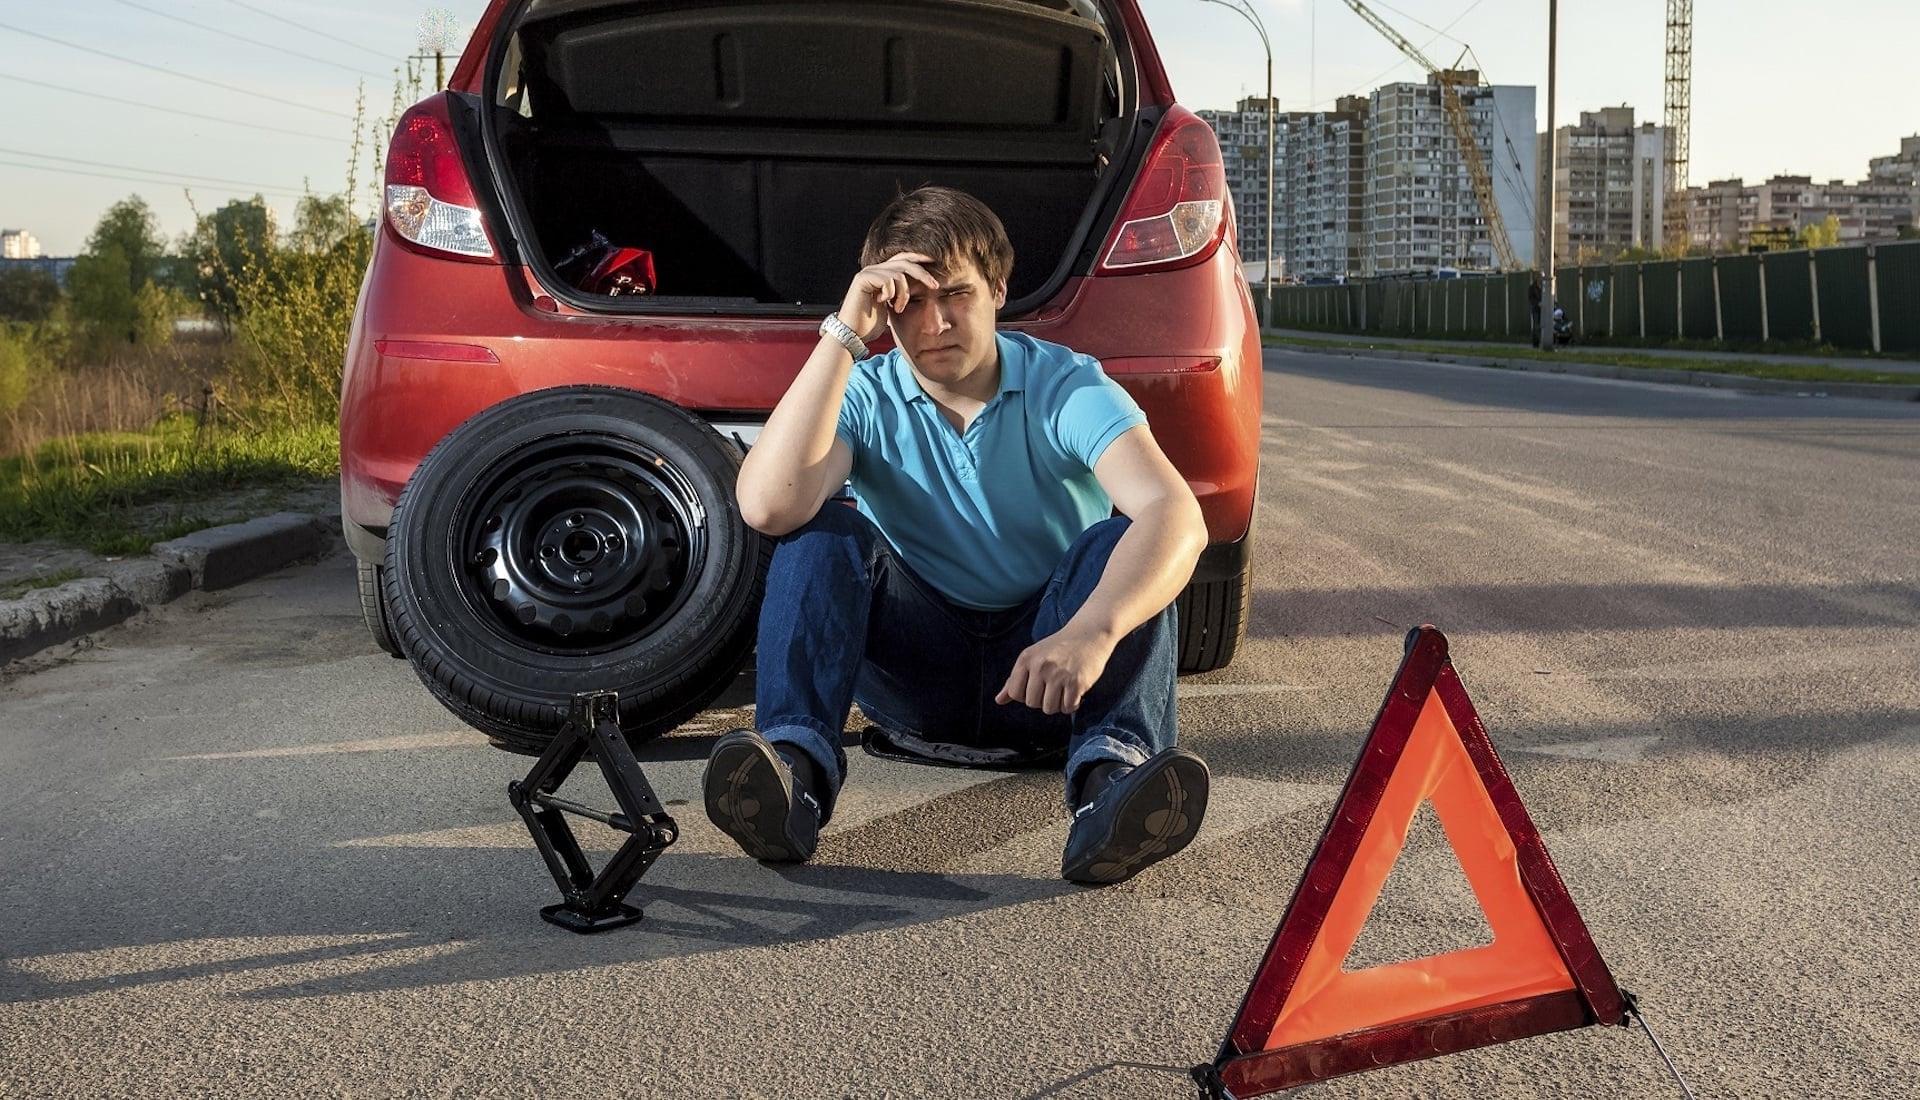 Zašto proizvođači automobila izbacuju rezervne gume iz vozila?